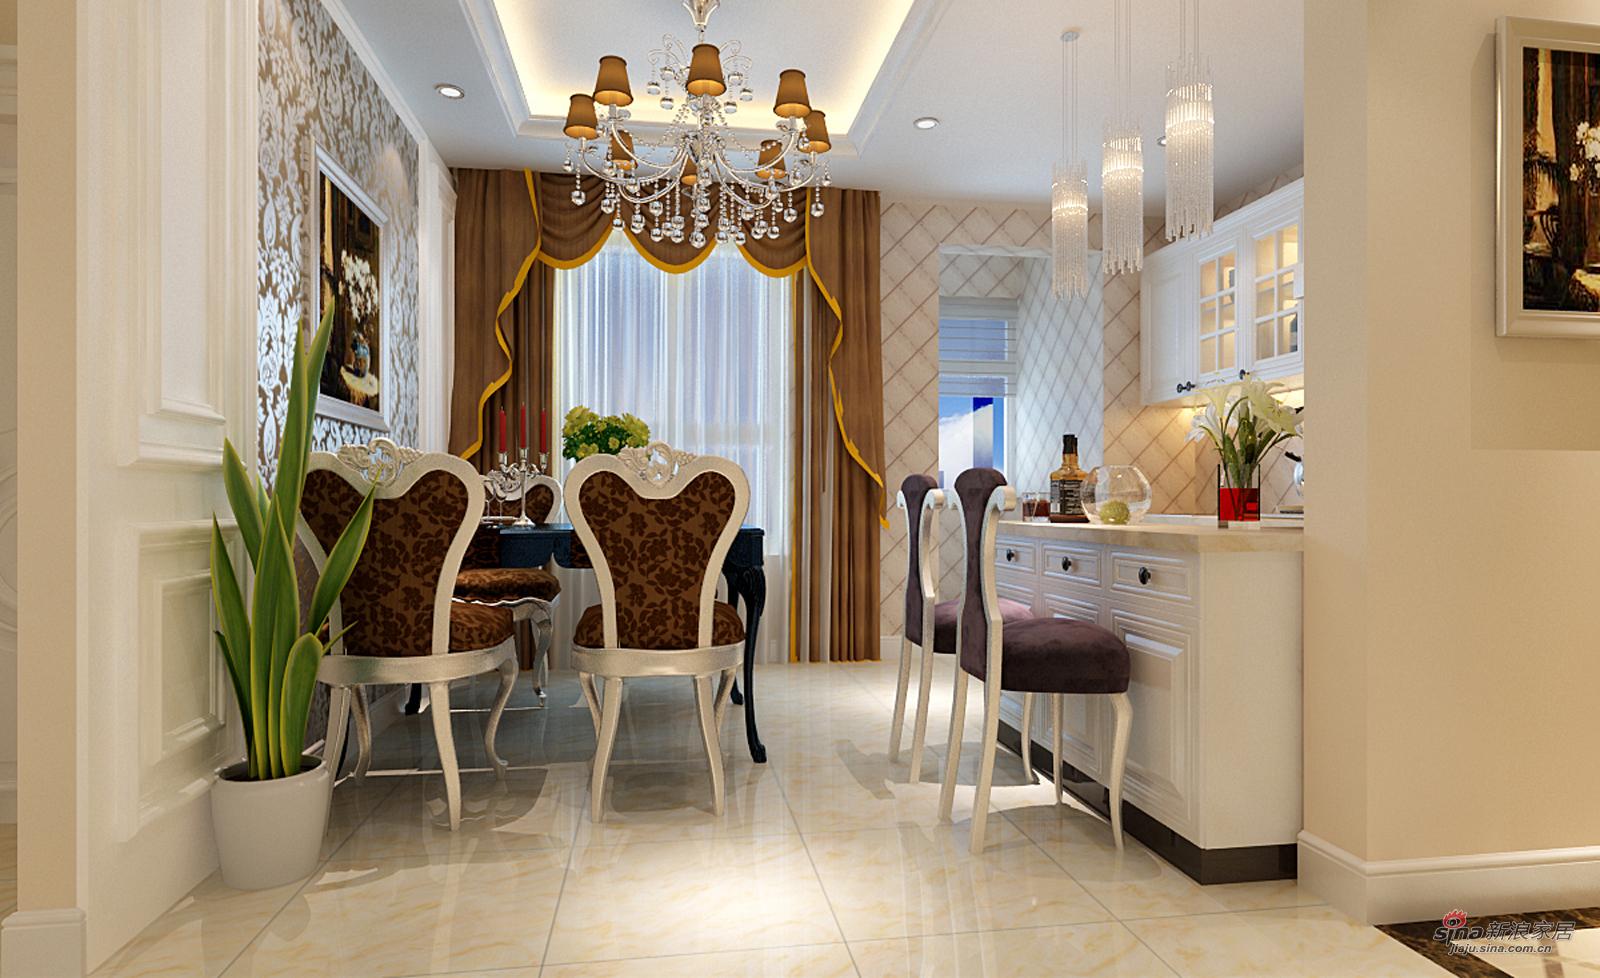 欧式 三居 餐厅图片来自用户2757317061在熟女魅力之【欧式情节】33的分享